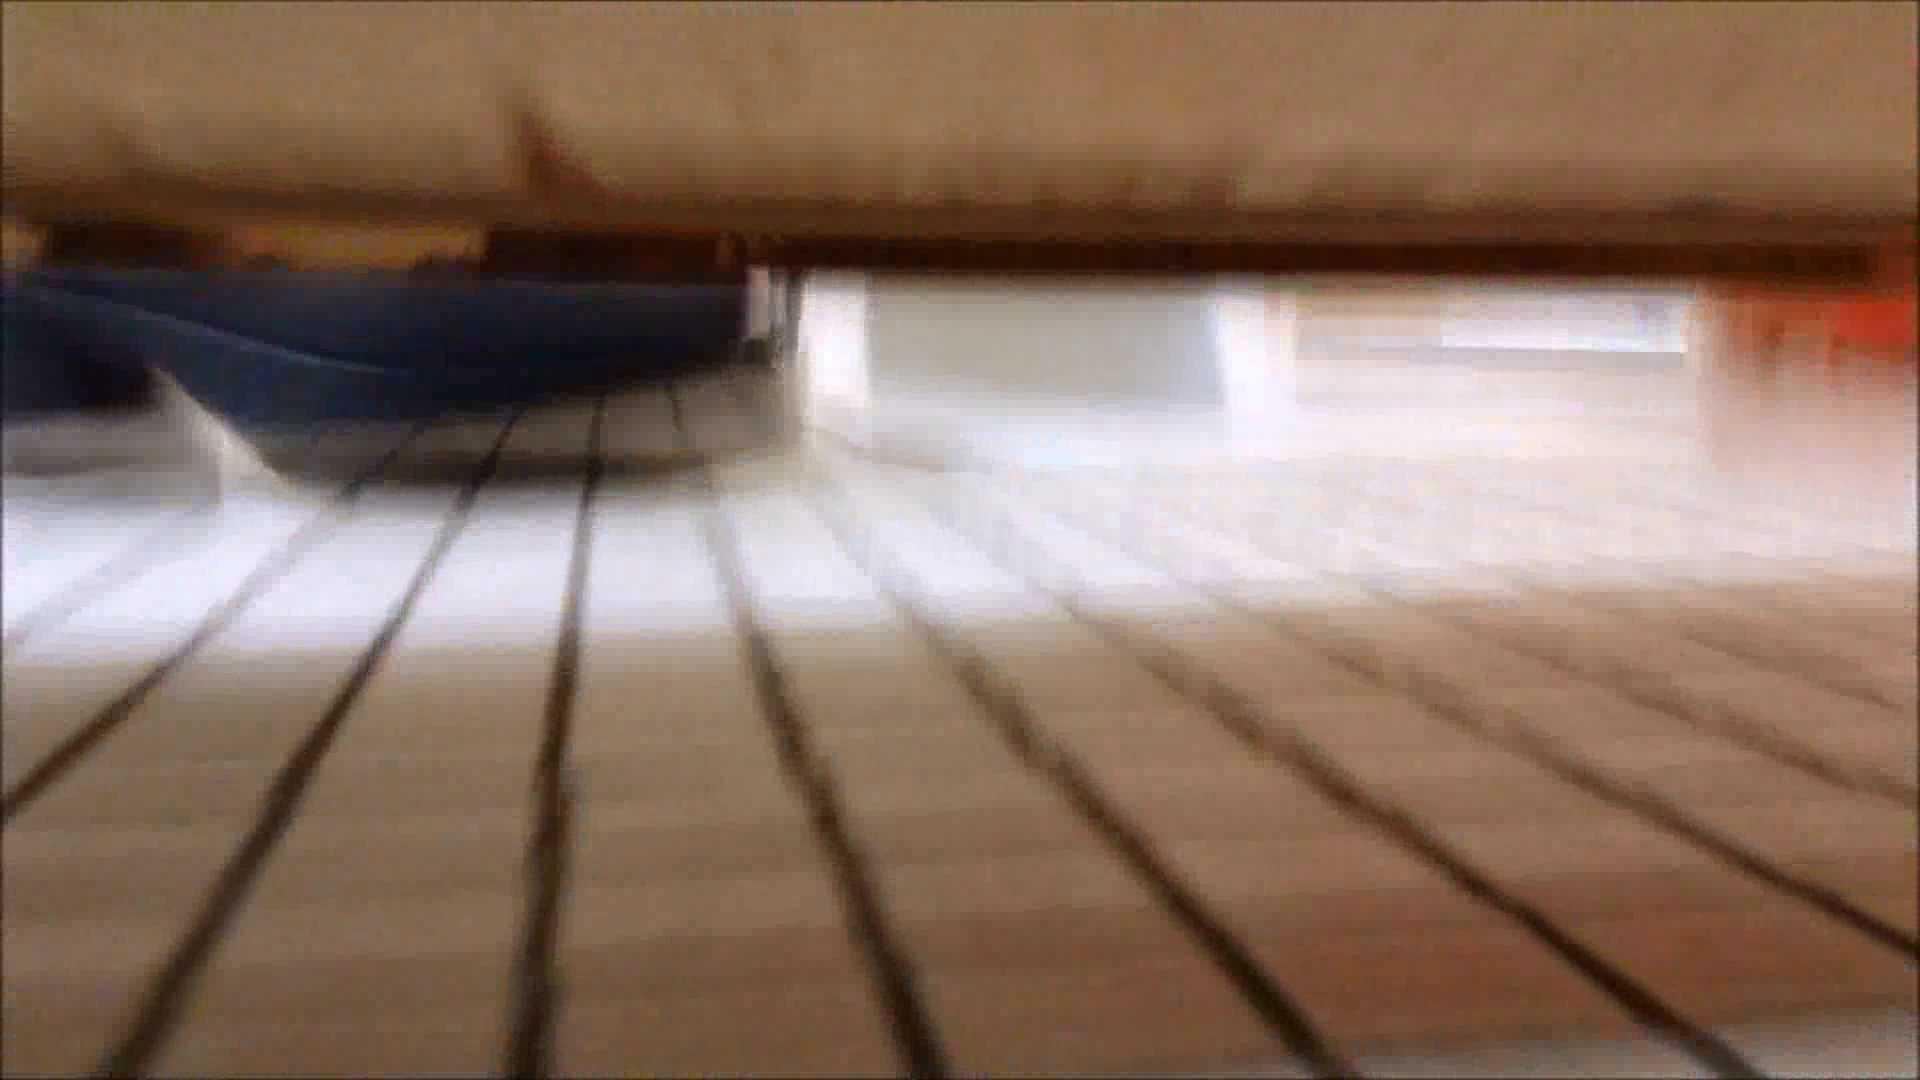 某有名大学女性洗面所 vol.14 潜入 アダルト動画キャプチャ 105PIX 95